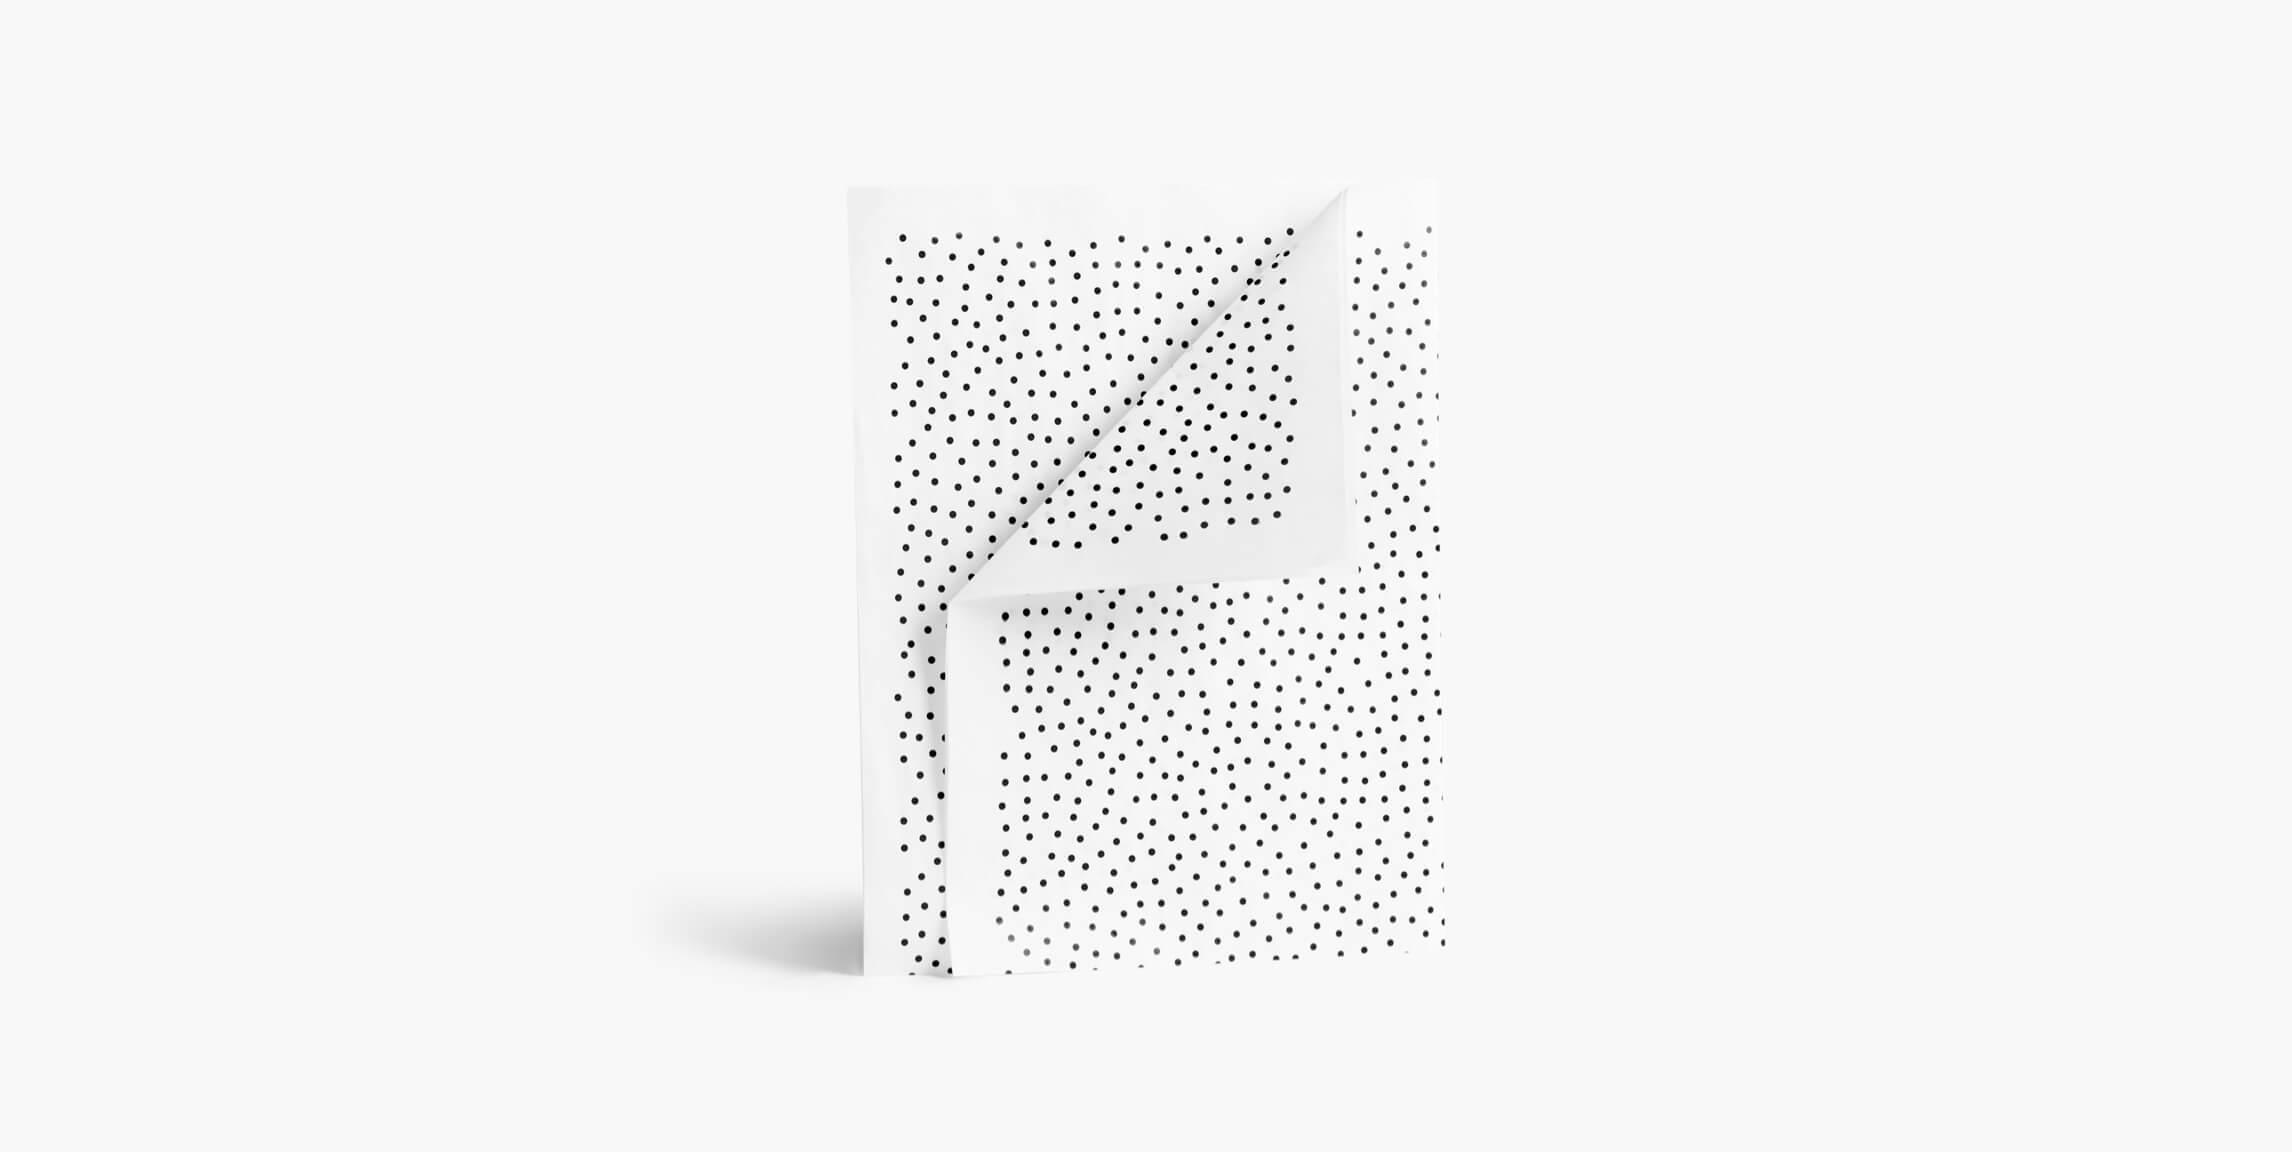 Carta velina personalizzata - scatole personalizzate - Packhelp